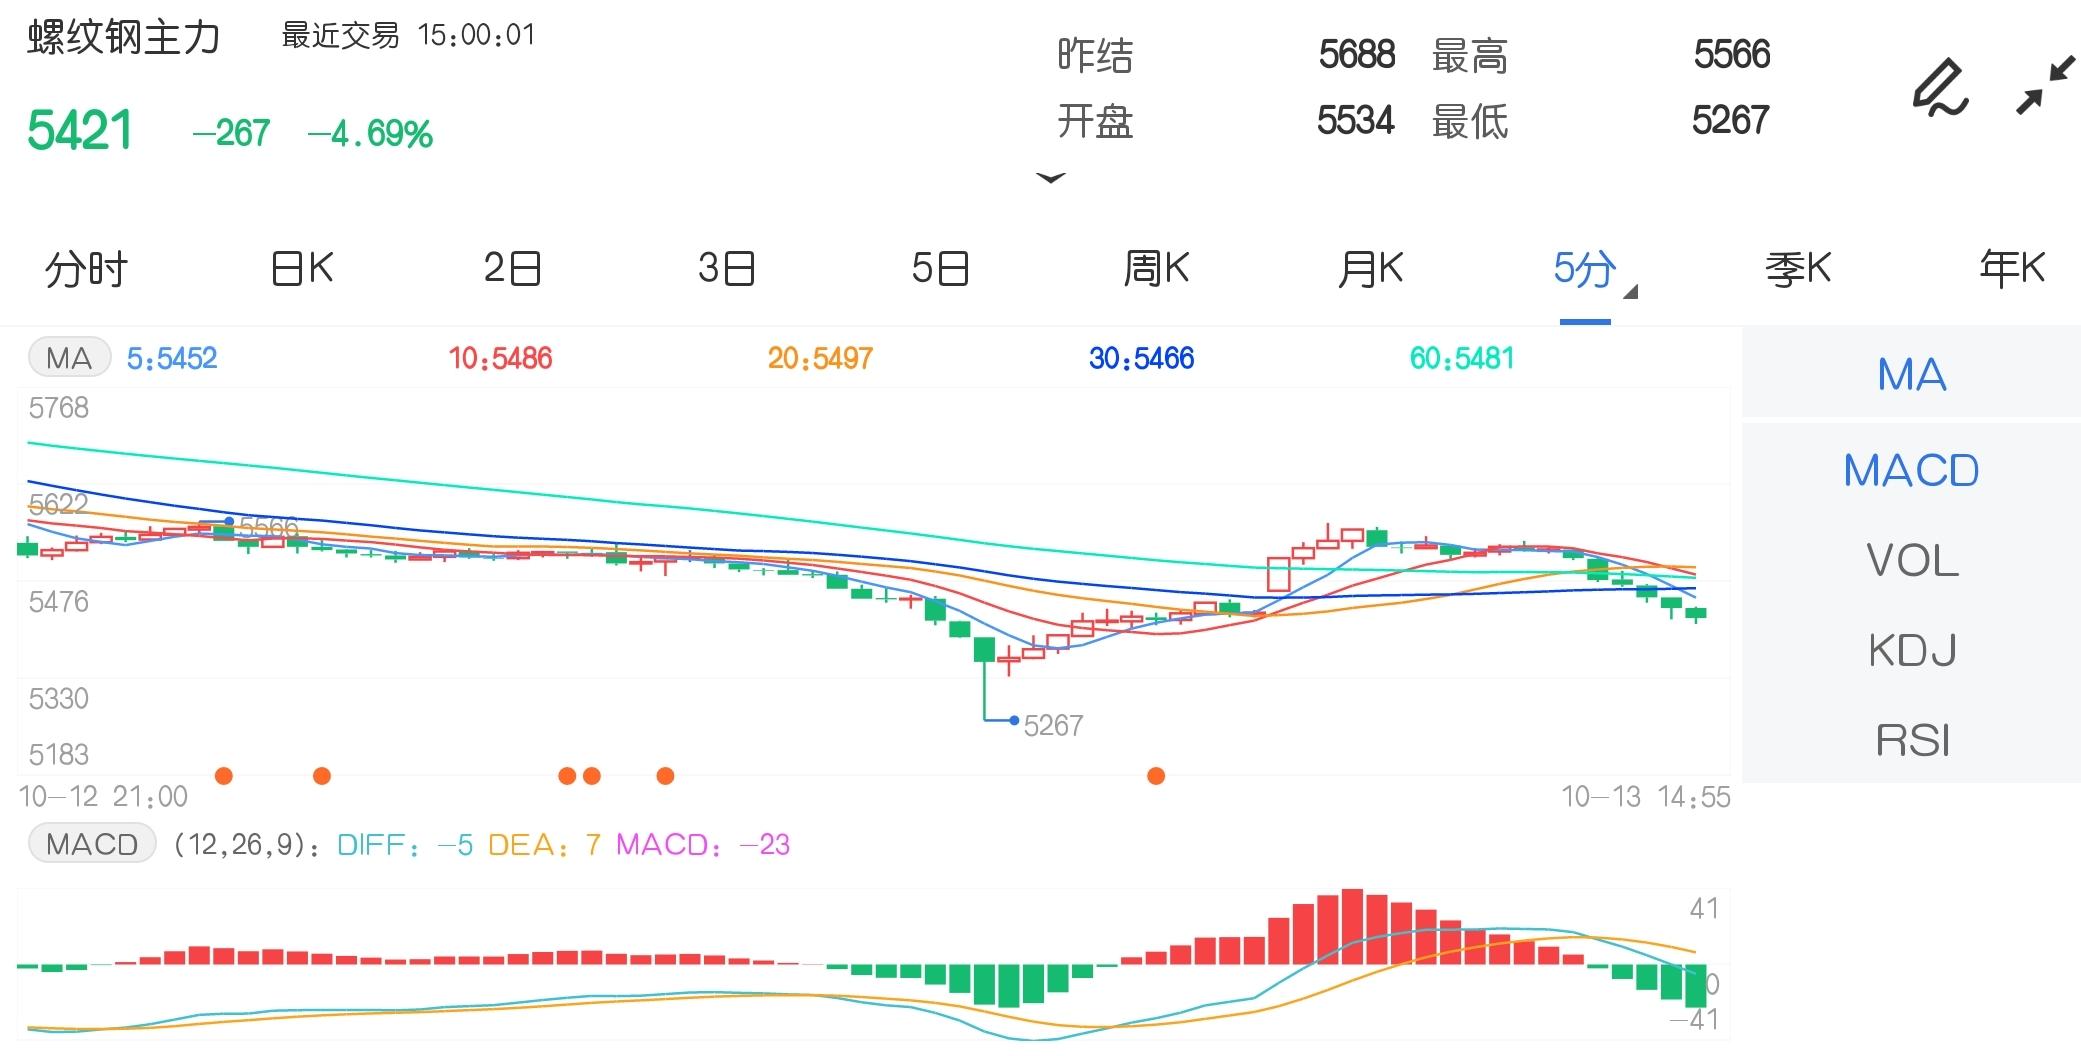 10月13日期货软件走势图综述:螺纹钢期货主力跌4.69%